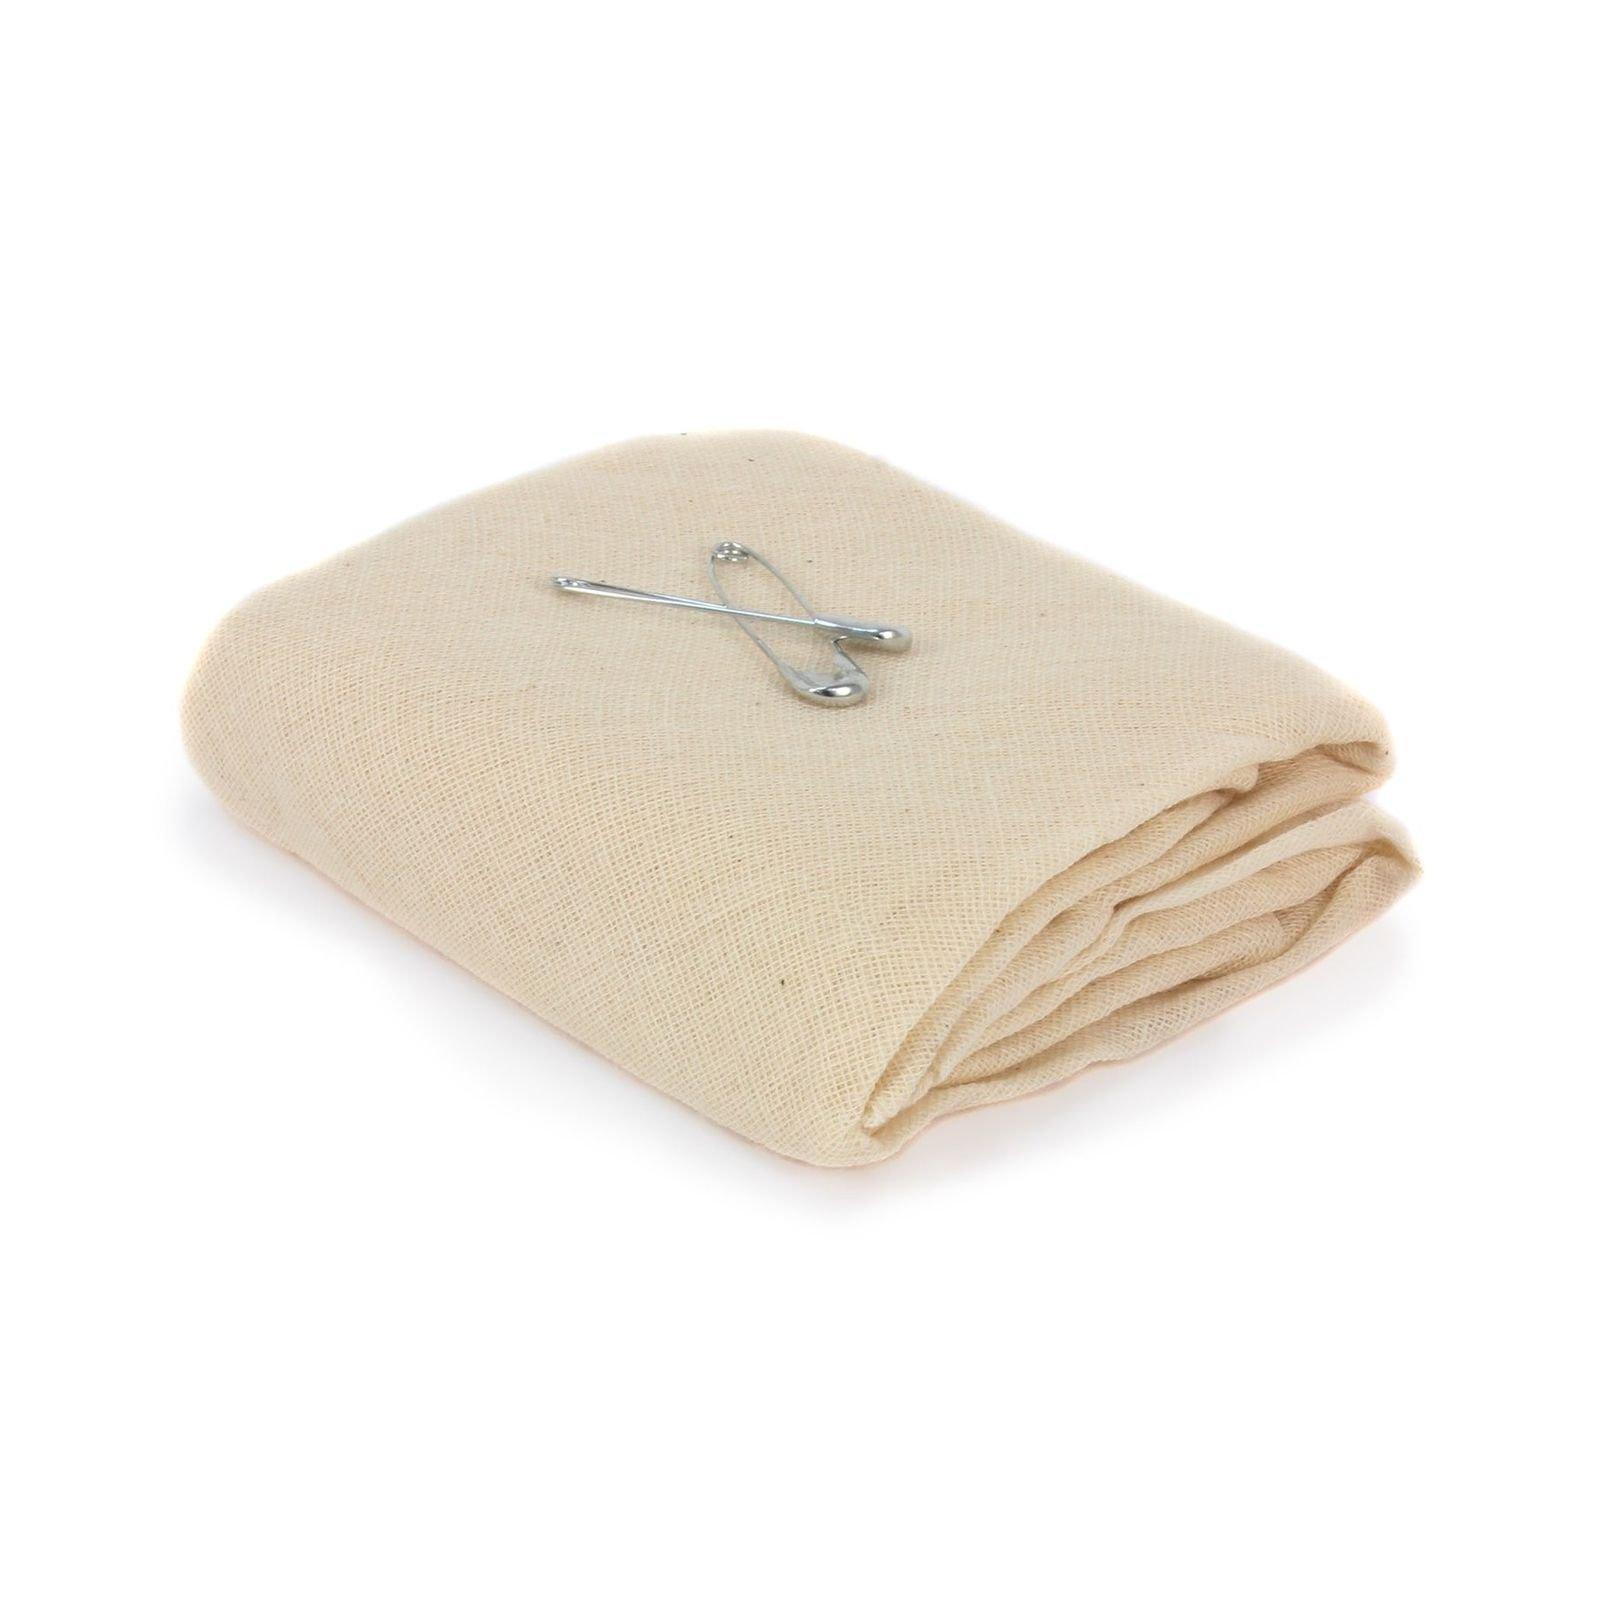 Triangular Bandage, Carejoy 10Pcs First Aid Wrap Bandage Medical Dressing Gauze Triangular Non-Woven Bandages for Knee and Elbow